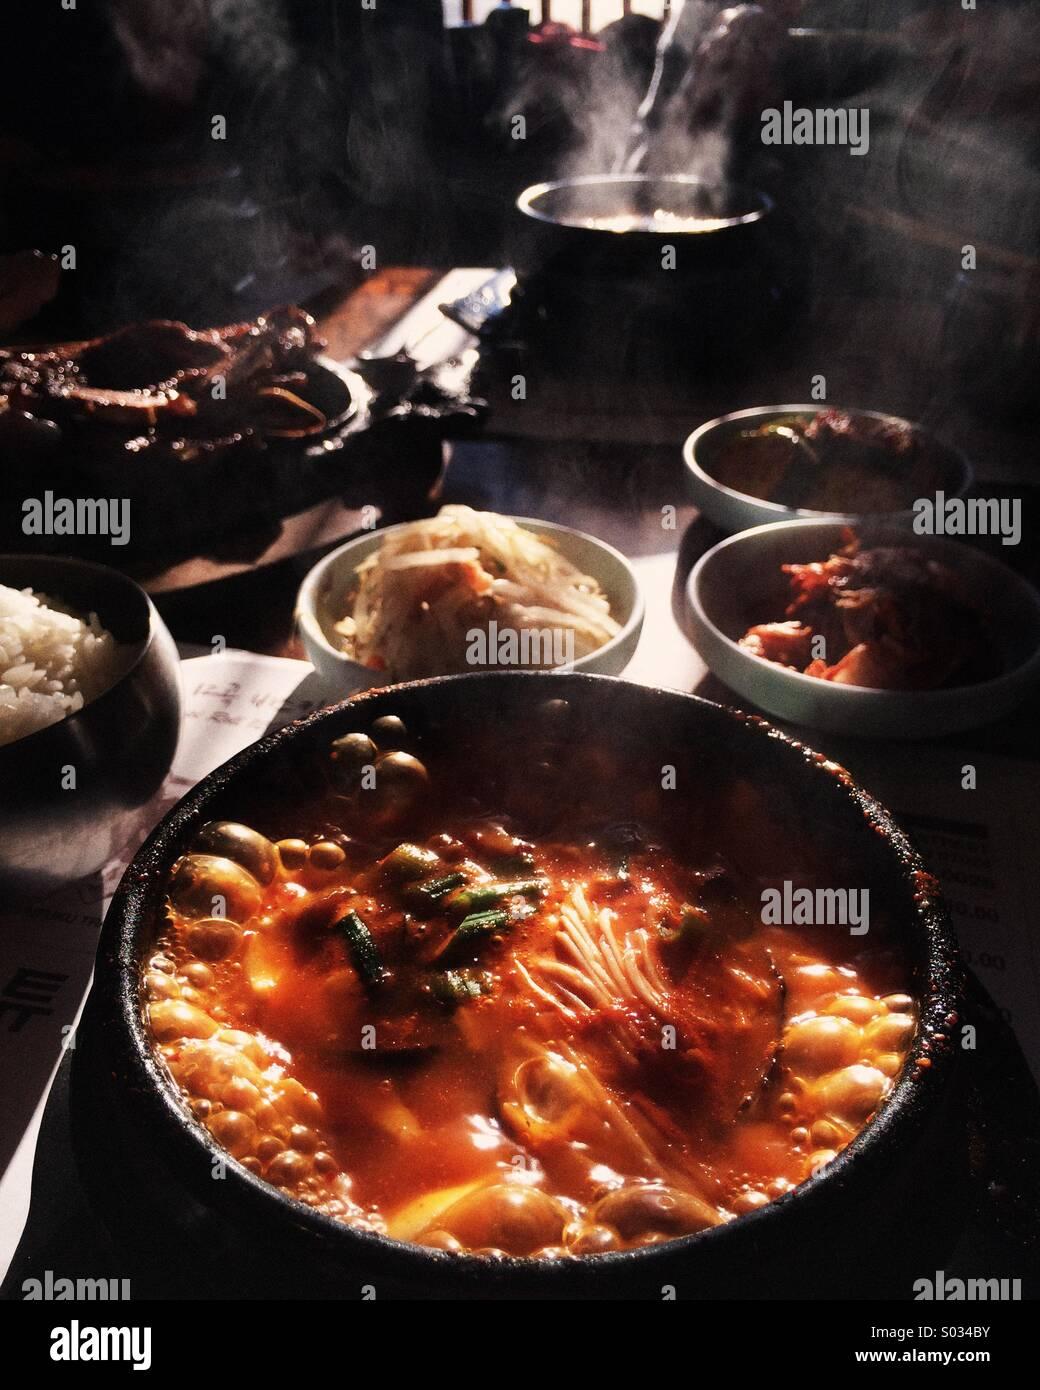 Soondubu, Coreano tofu estofado, servido caliente hirviendo con pachan y galbi en un restaurante coreano en Nueva Imagen De Stock